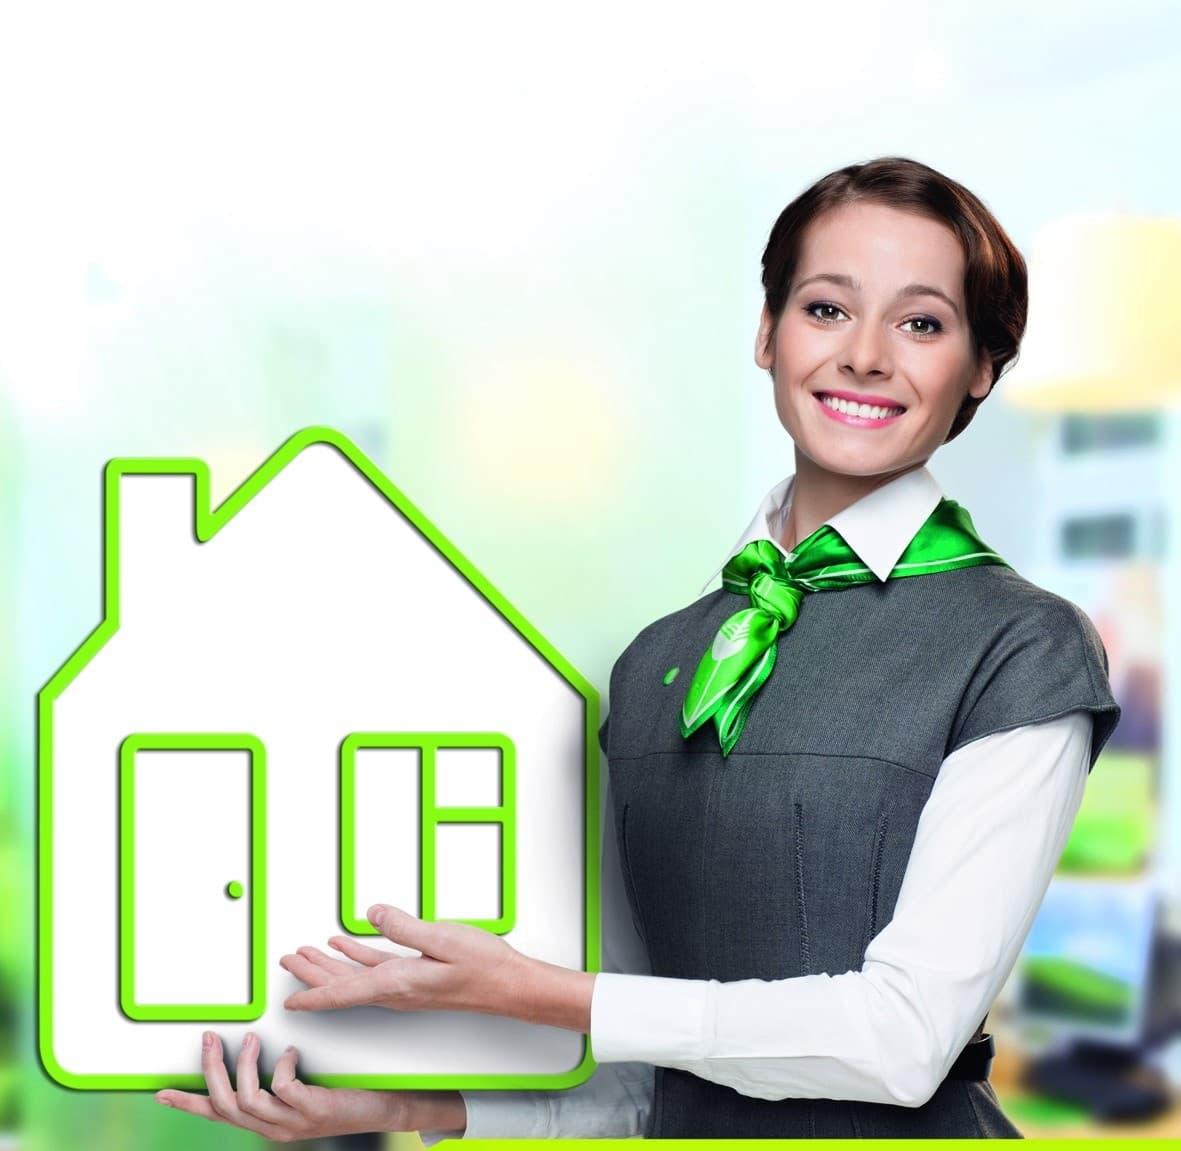 Список документов запрашиваемых Сбербанком для оформления ипотечного кредита 0